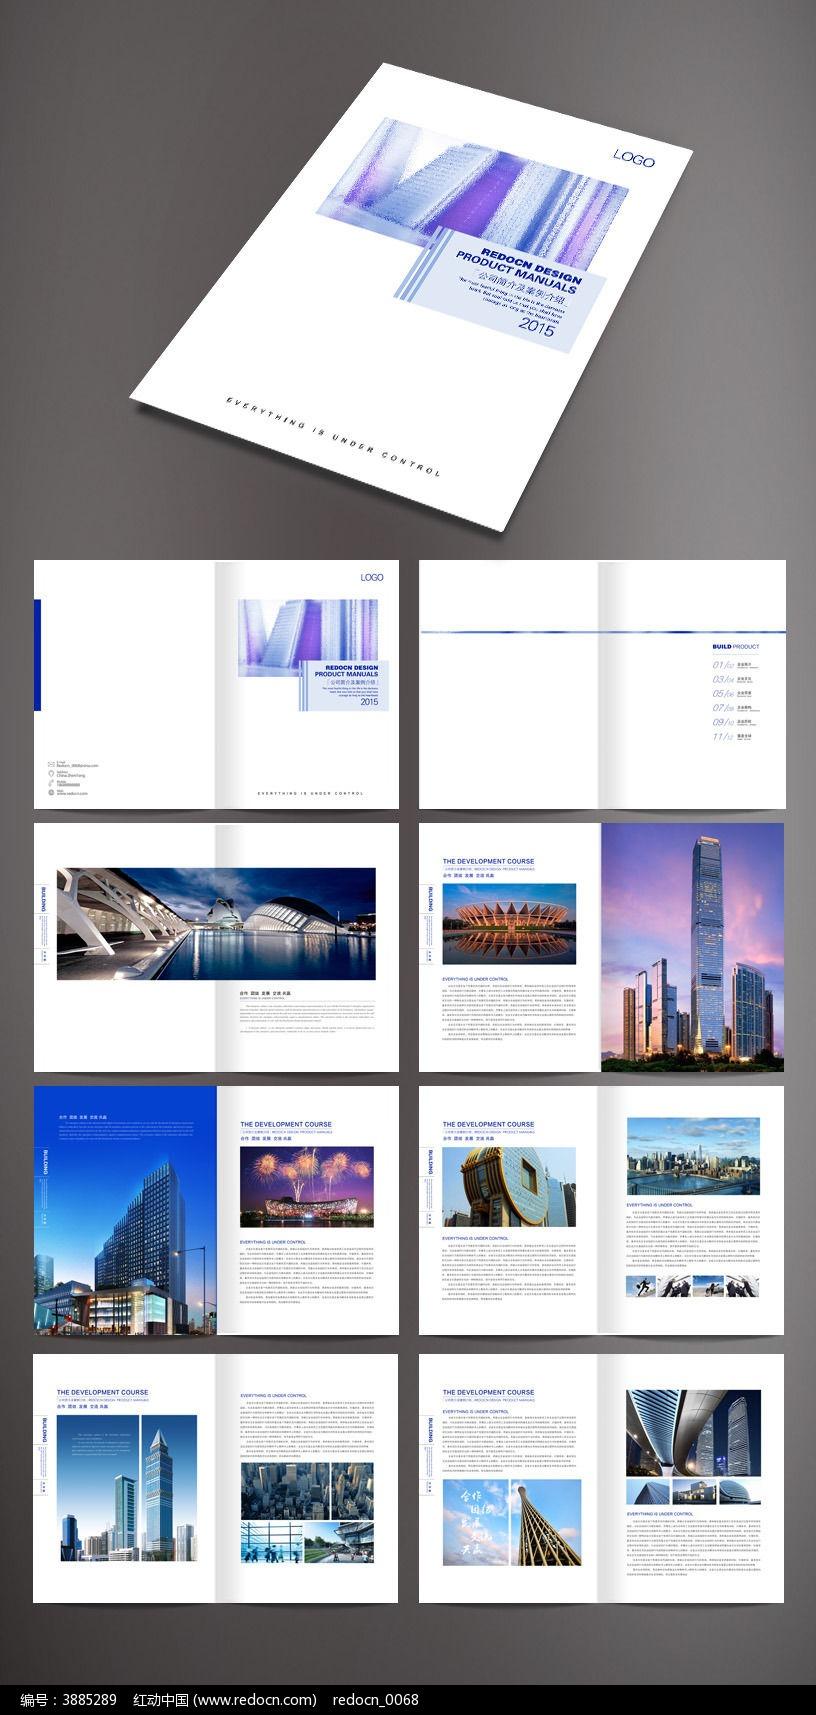 画册设计/书籍/菜谱 企业画册|宣传画册 建筑公司画版式设计图片